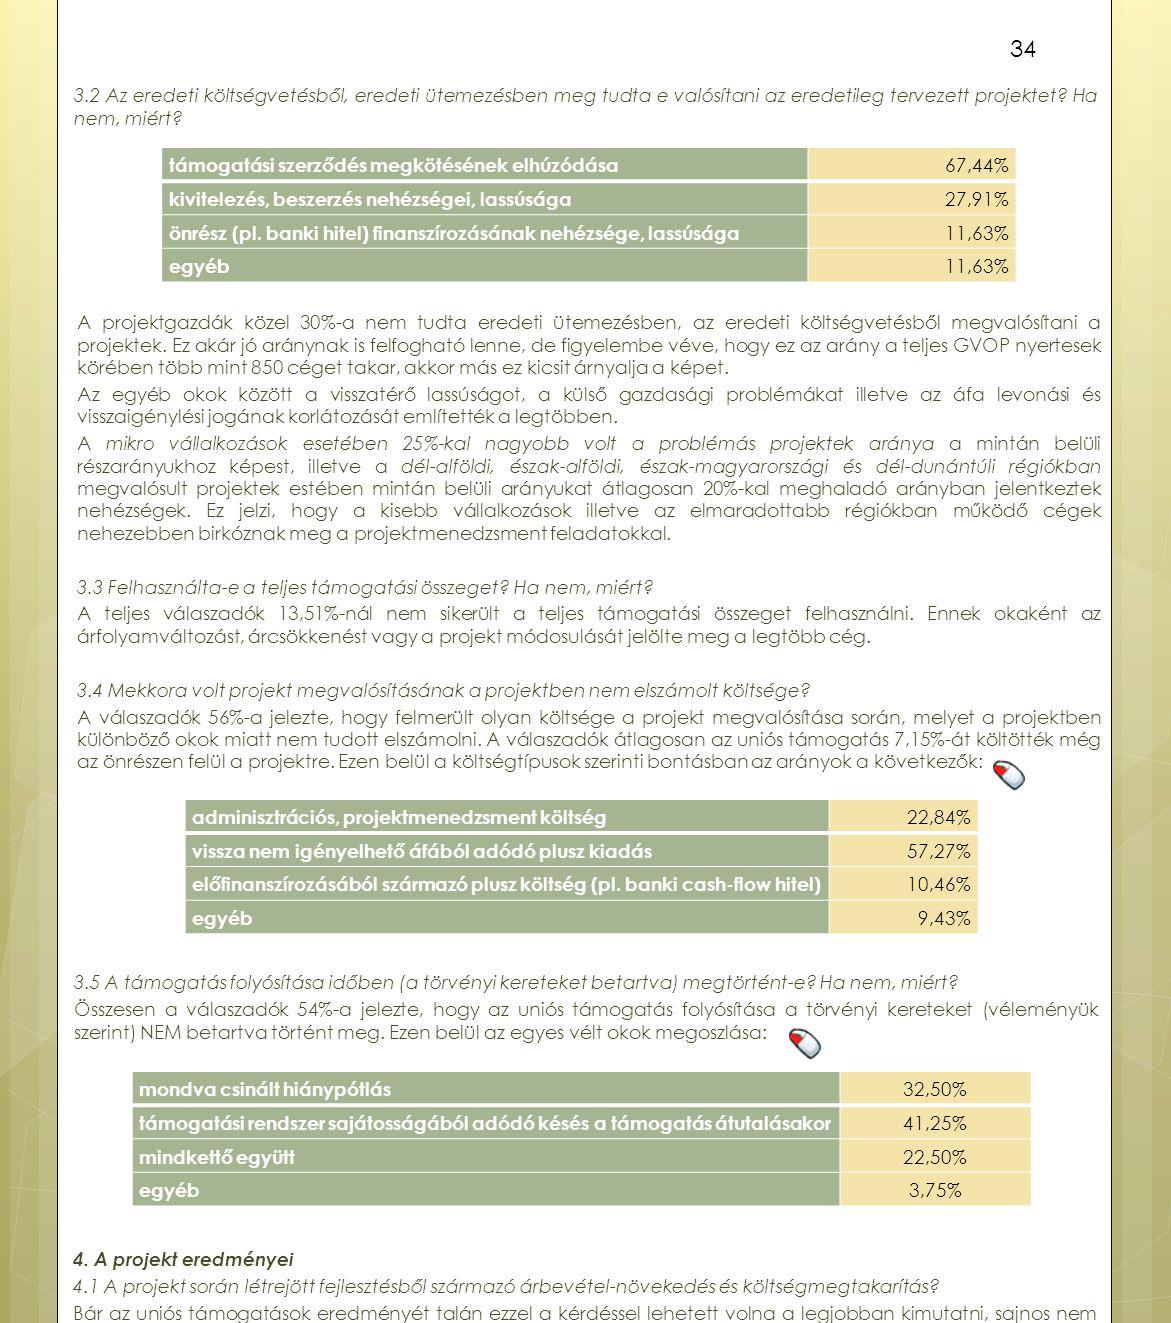 A projektgazdák közel 30%-a nem tudta eredeti ütemezésben, az eredeti költségvetésből megvalósítani a projektek. Ez akár jó aránynak is felfogható len